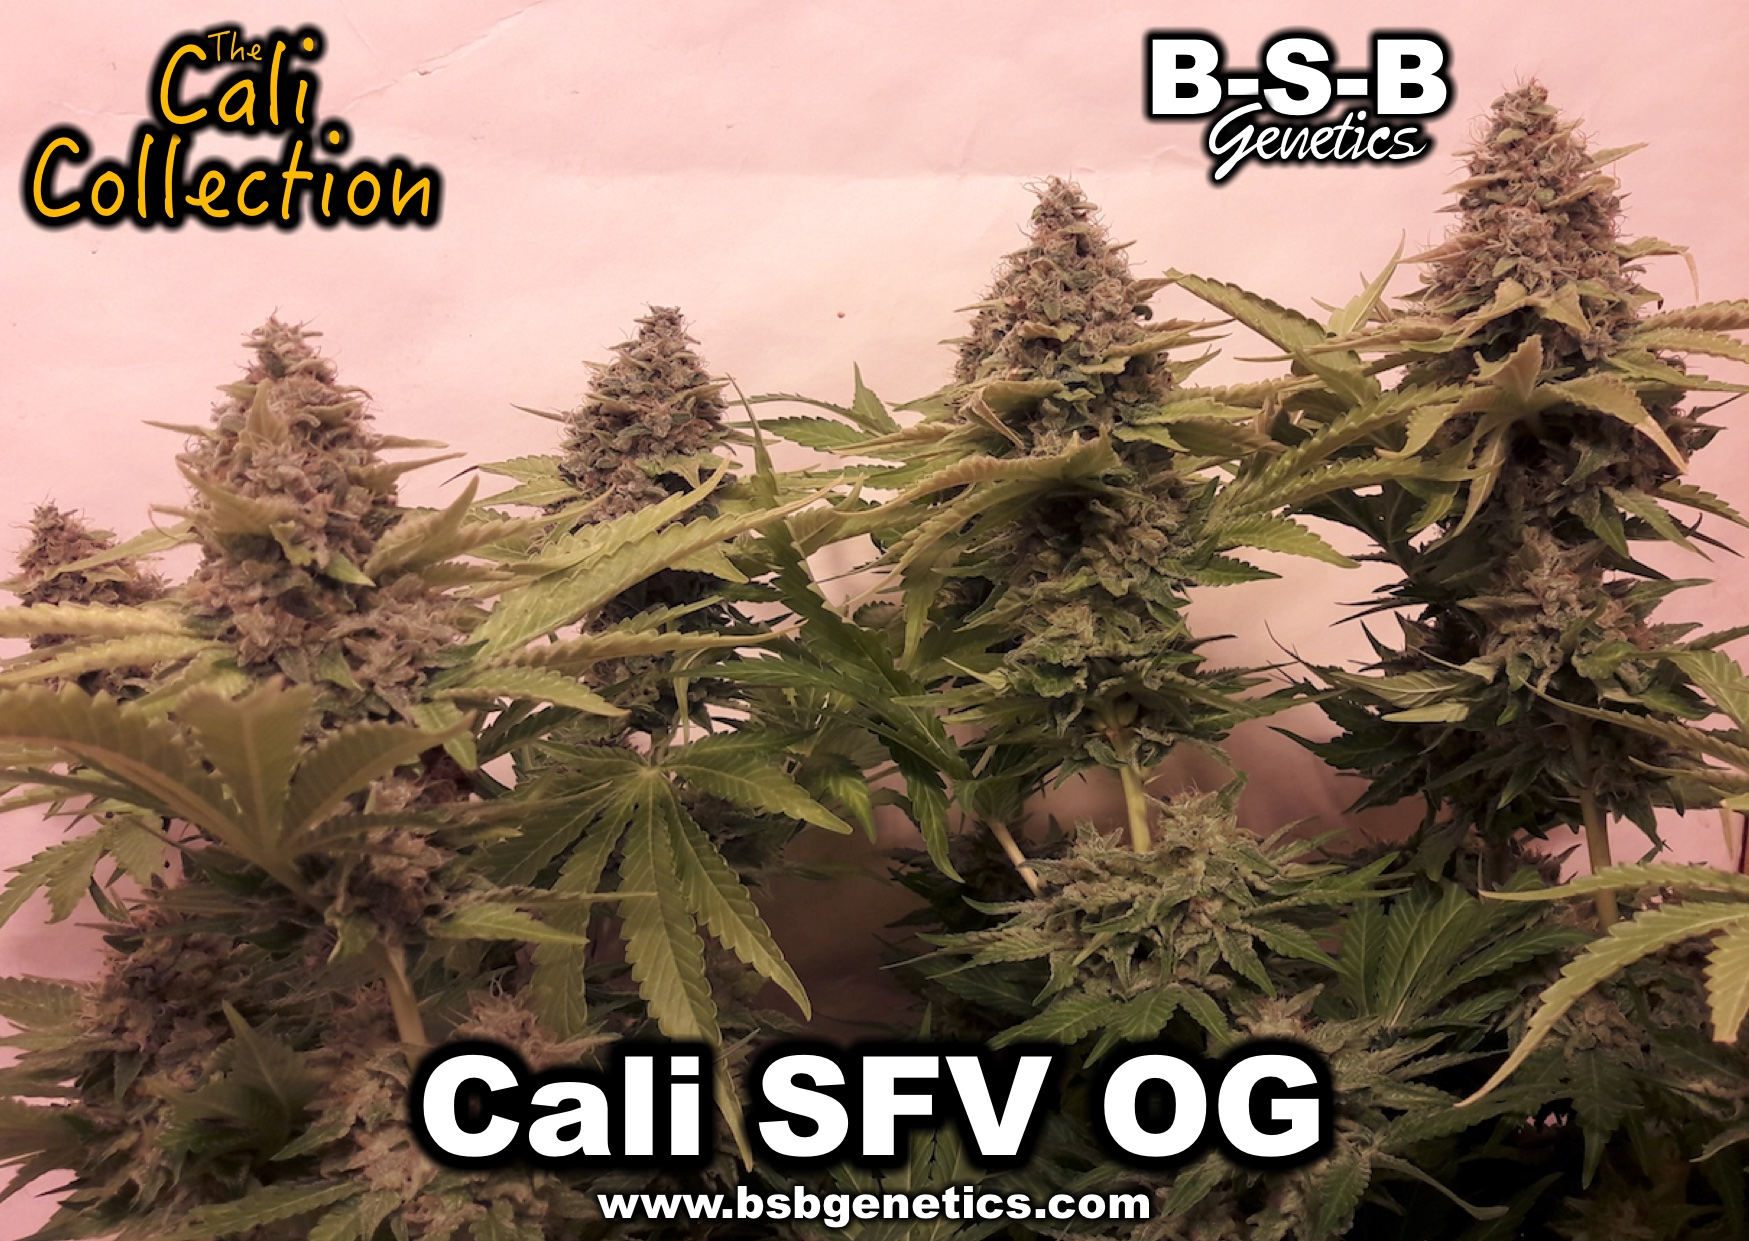 卡利SFV OG-BSB遗传学